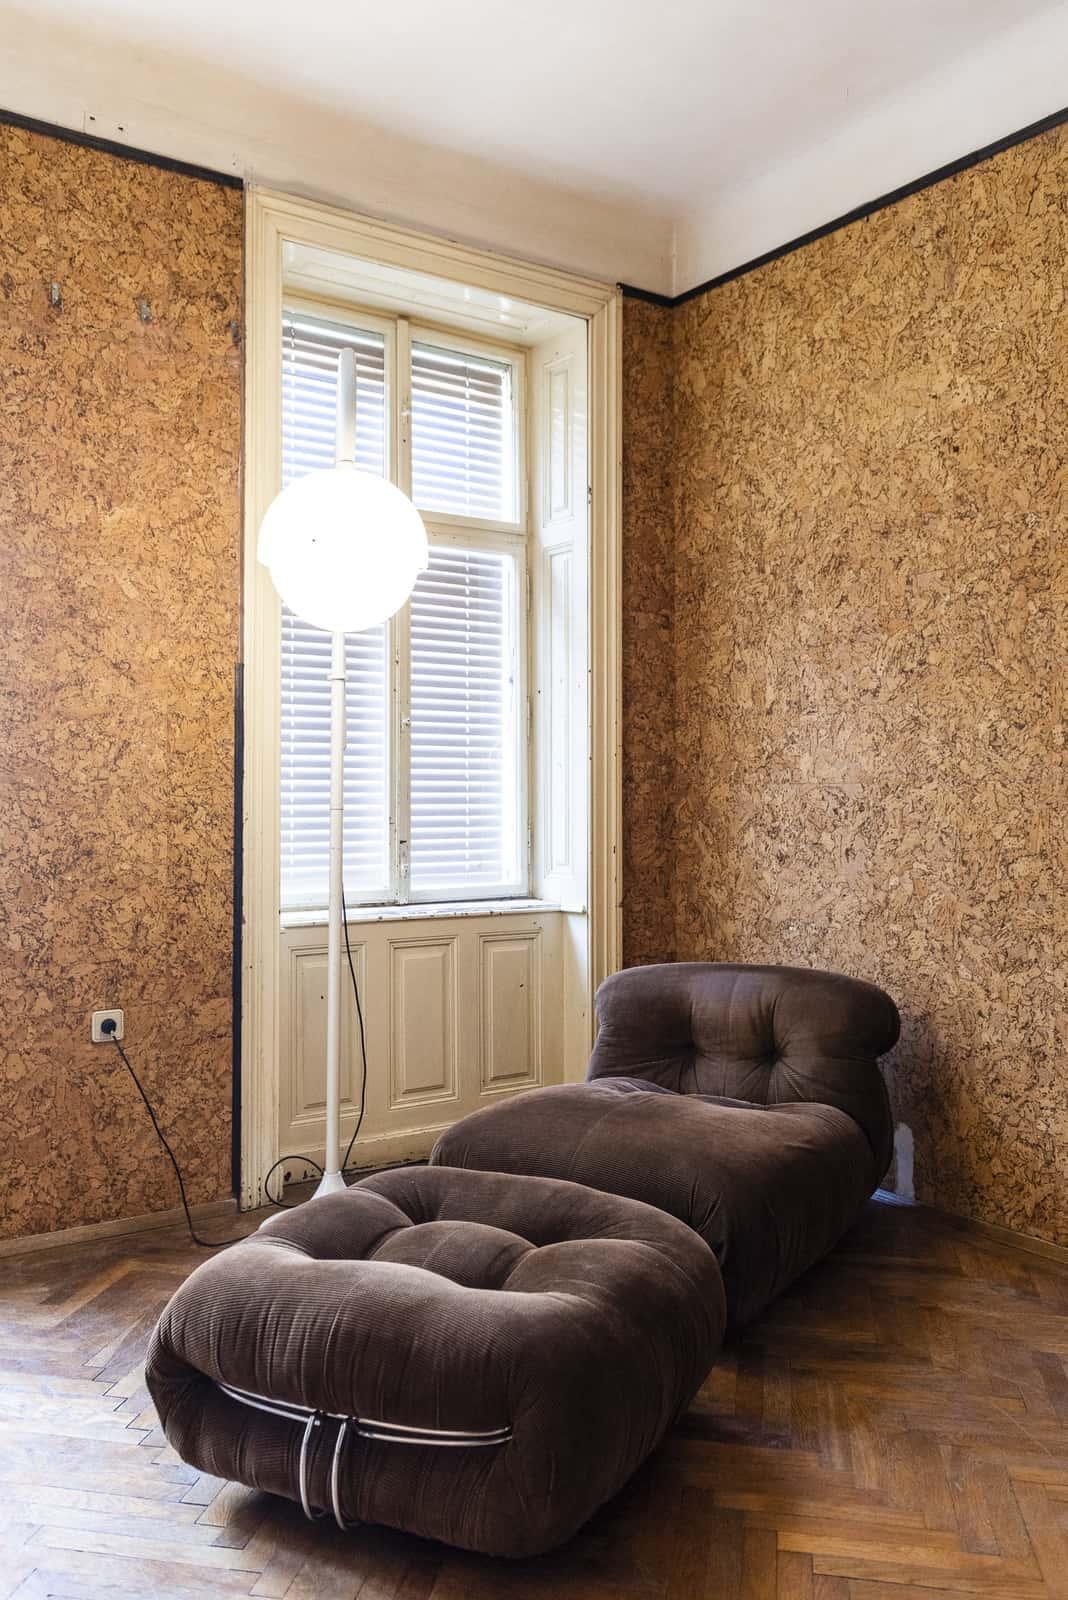 ohne butter - ENTER THE LAB - ANNO 50 - 60 - 70 (Copyright VIENNA DESIGN WEEK - Phillip Podesser - Kollektiv Fischka, Vienna Design Week)